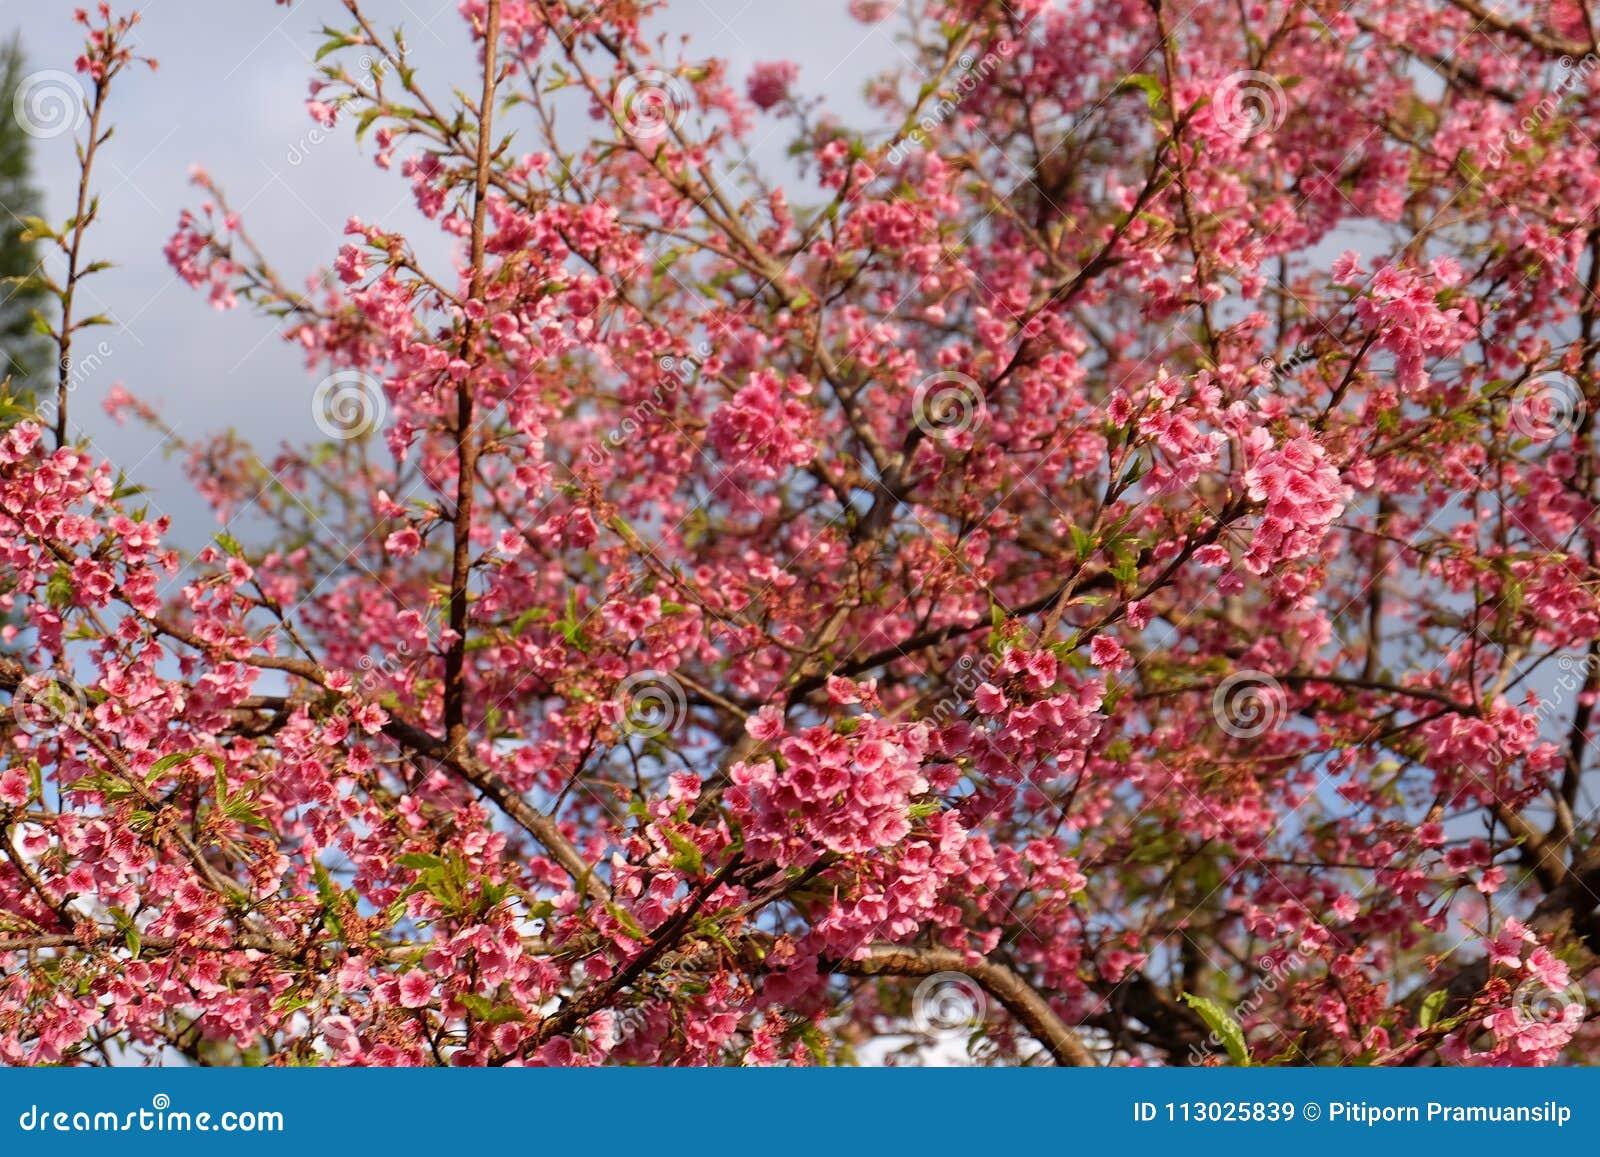 Flor de cerezo hermosa Sakura en tiempo de primavera sobre el cielo azul